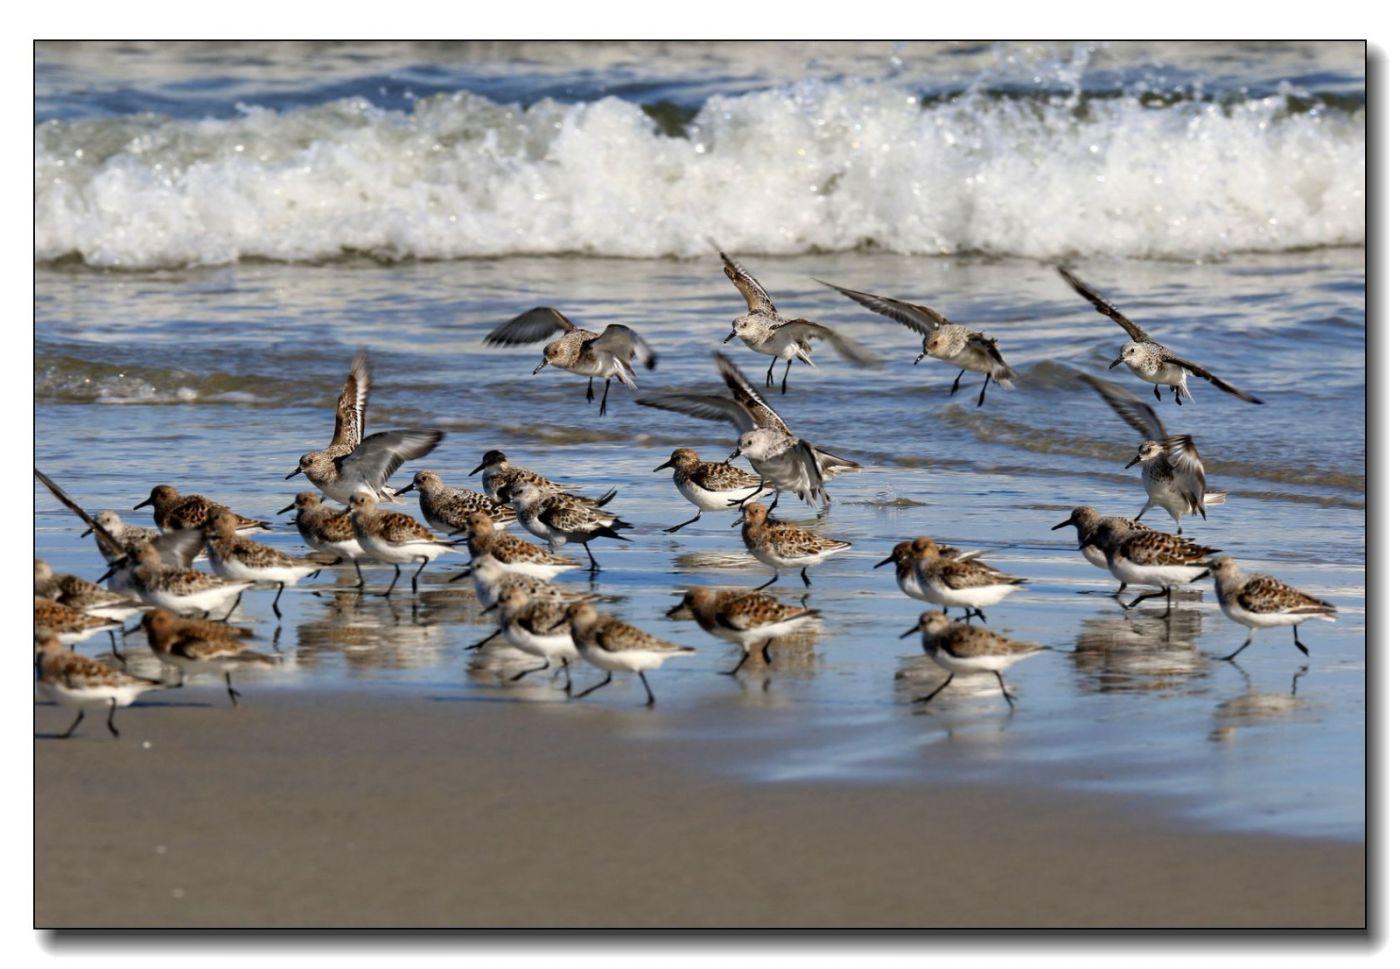 洛克威海滩拍鸟—滨鹬_图1-20